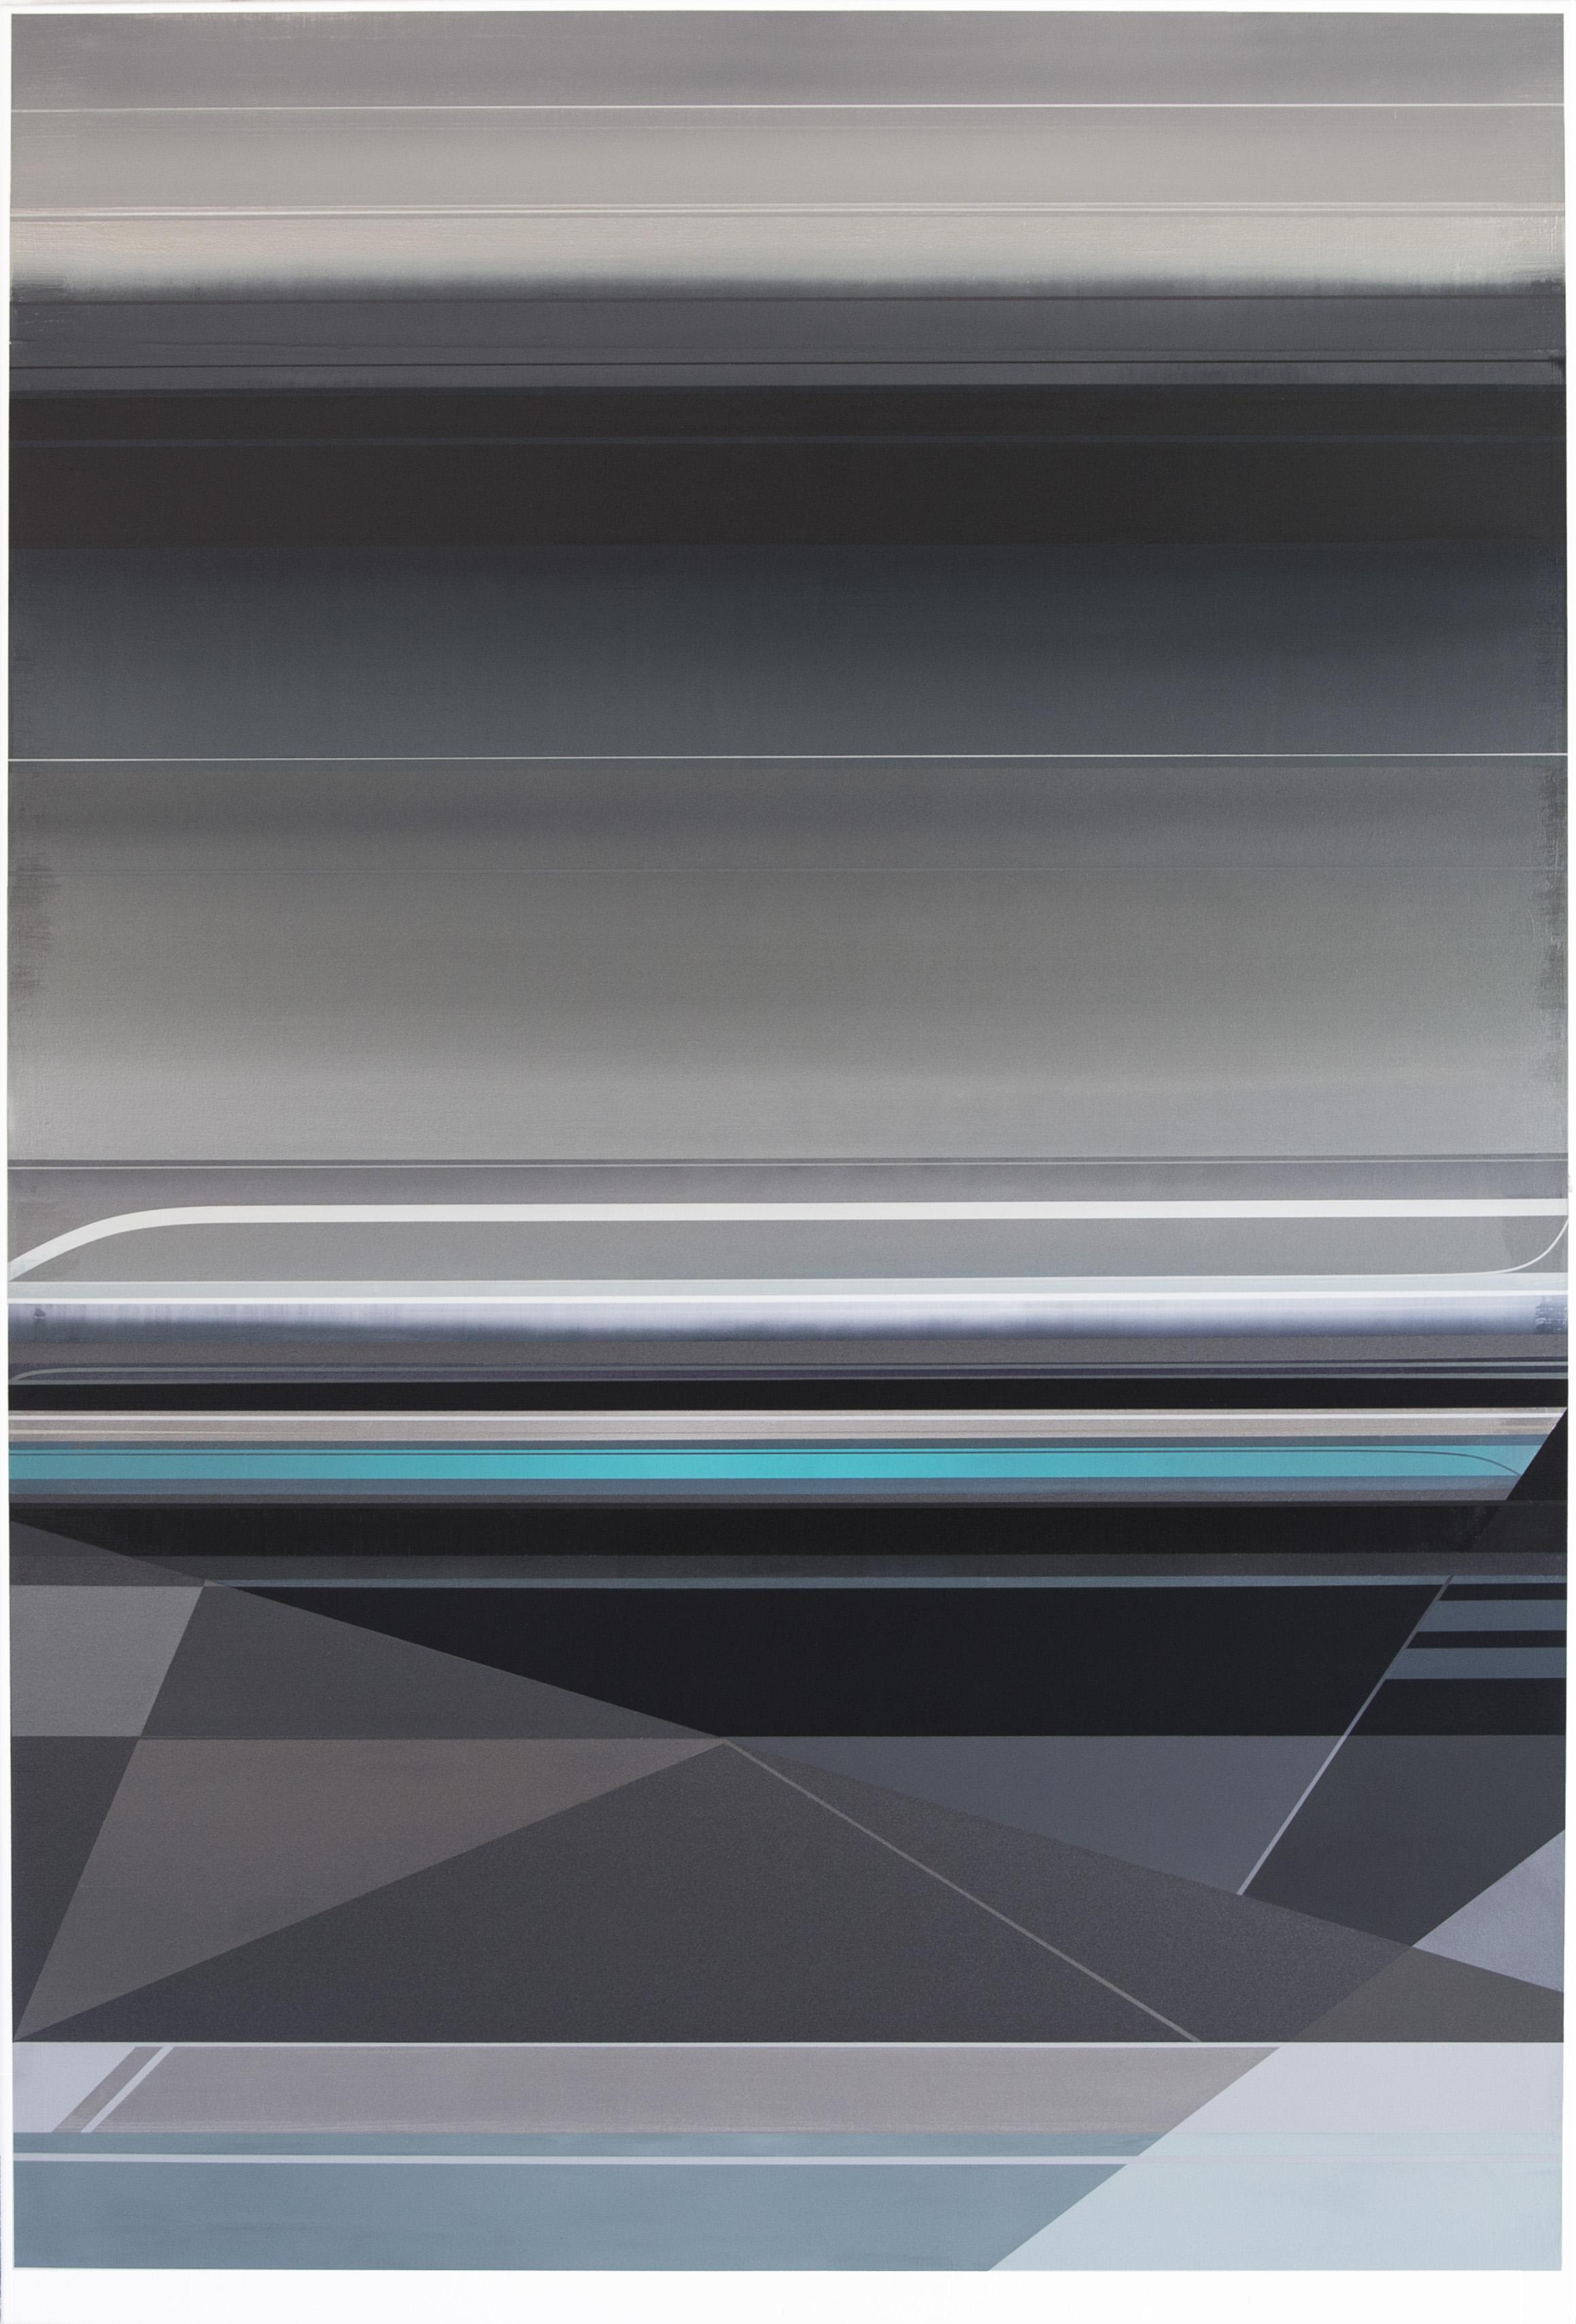 Micah Crandall-Bear, b.1980 (USA)  Title: Hydrous  Dimension: 182.88 x 121.92 cm  Year: 2017